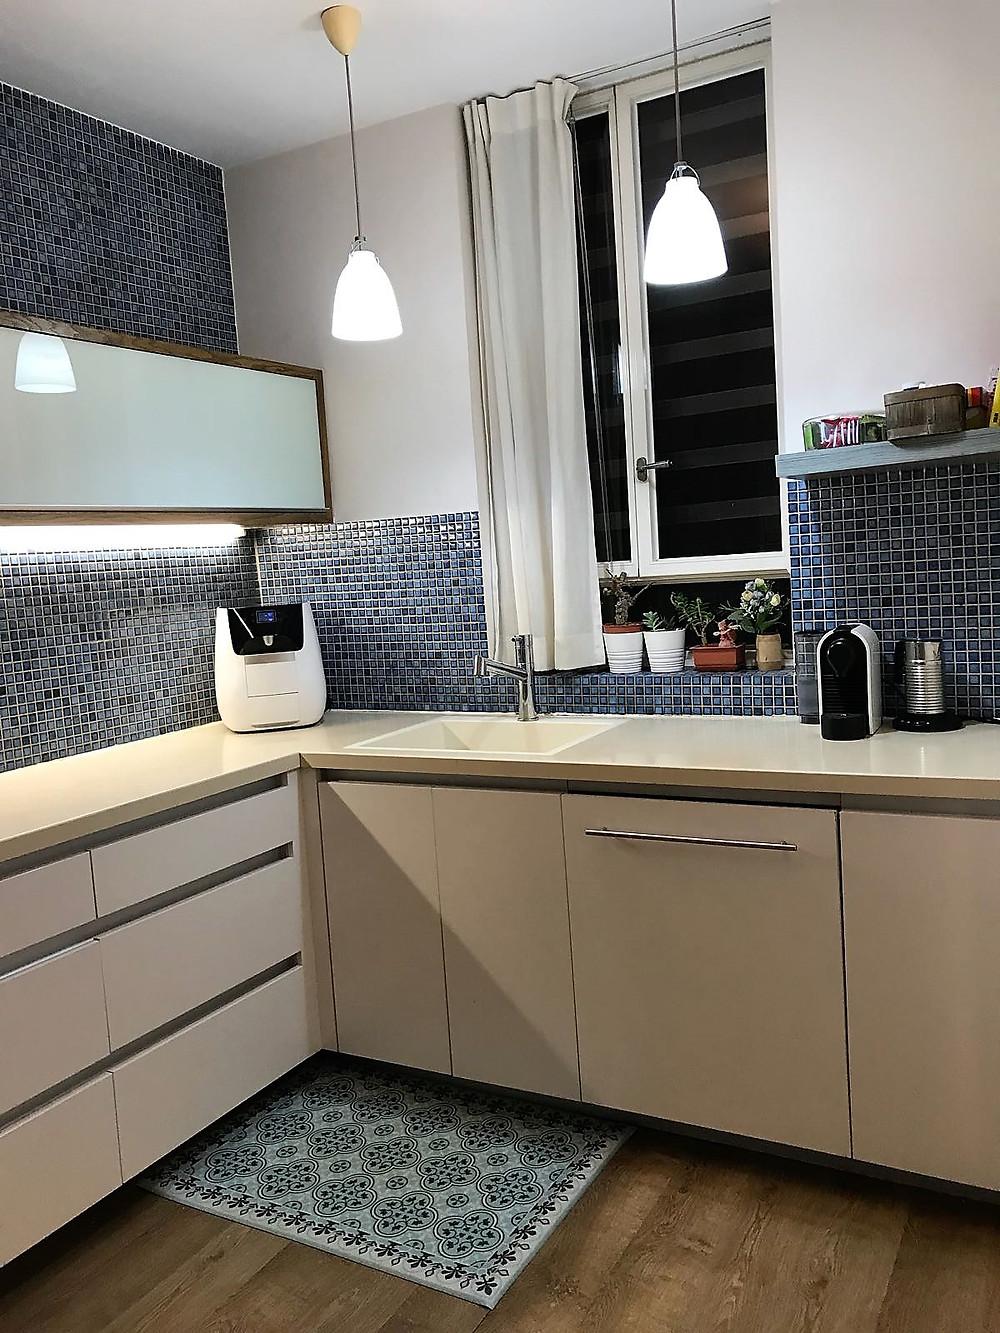 דירה למכירה ברחוב בבלי מטבח פתוח לסלון משופצת